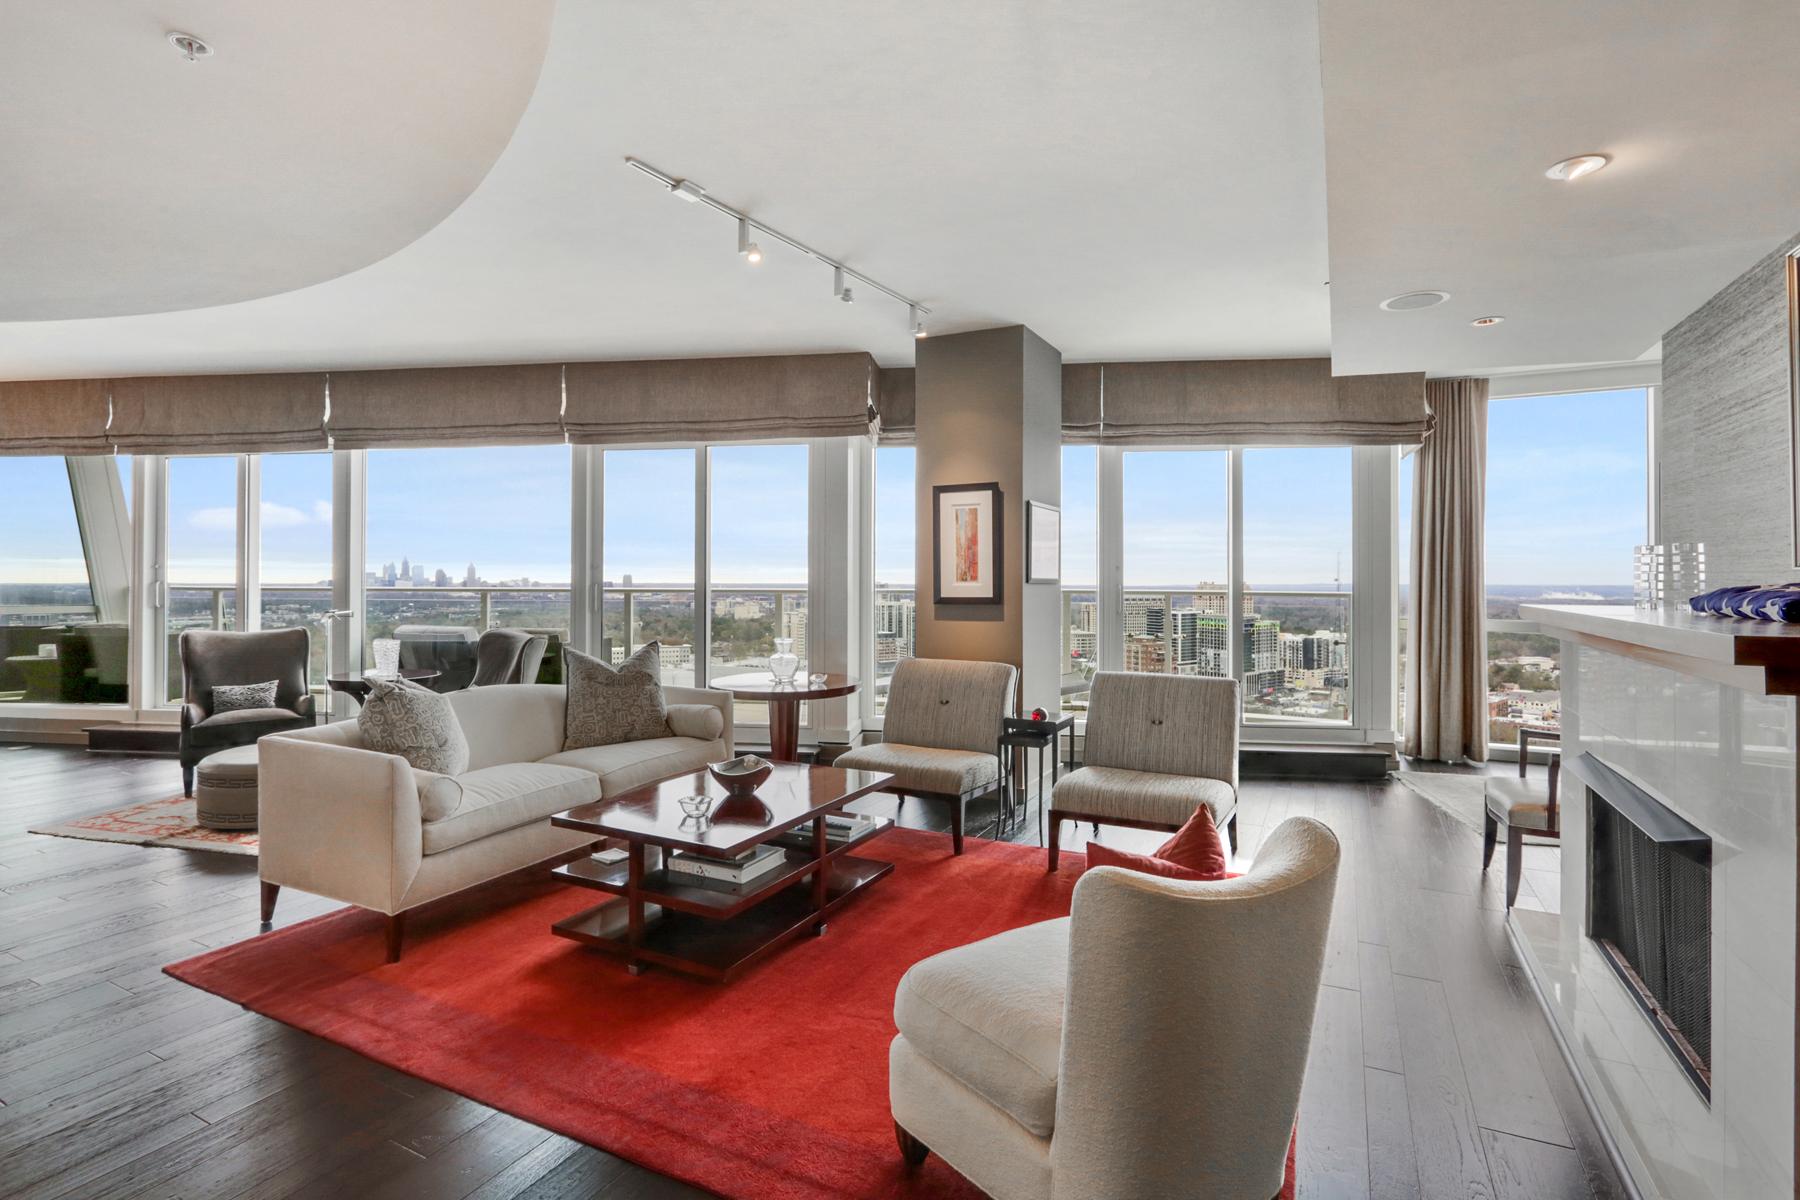 Single Family Homes pour l Vente à Impressive 30th Floor Buckhead Condo 3325 Piedmont Road NE No. 3004, Atlanta, Georgia 30305 États-Unis